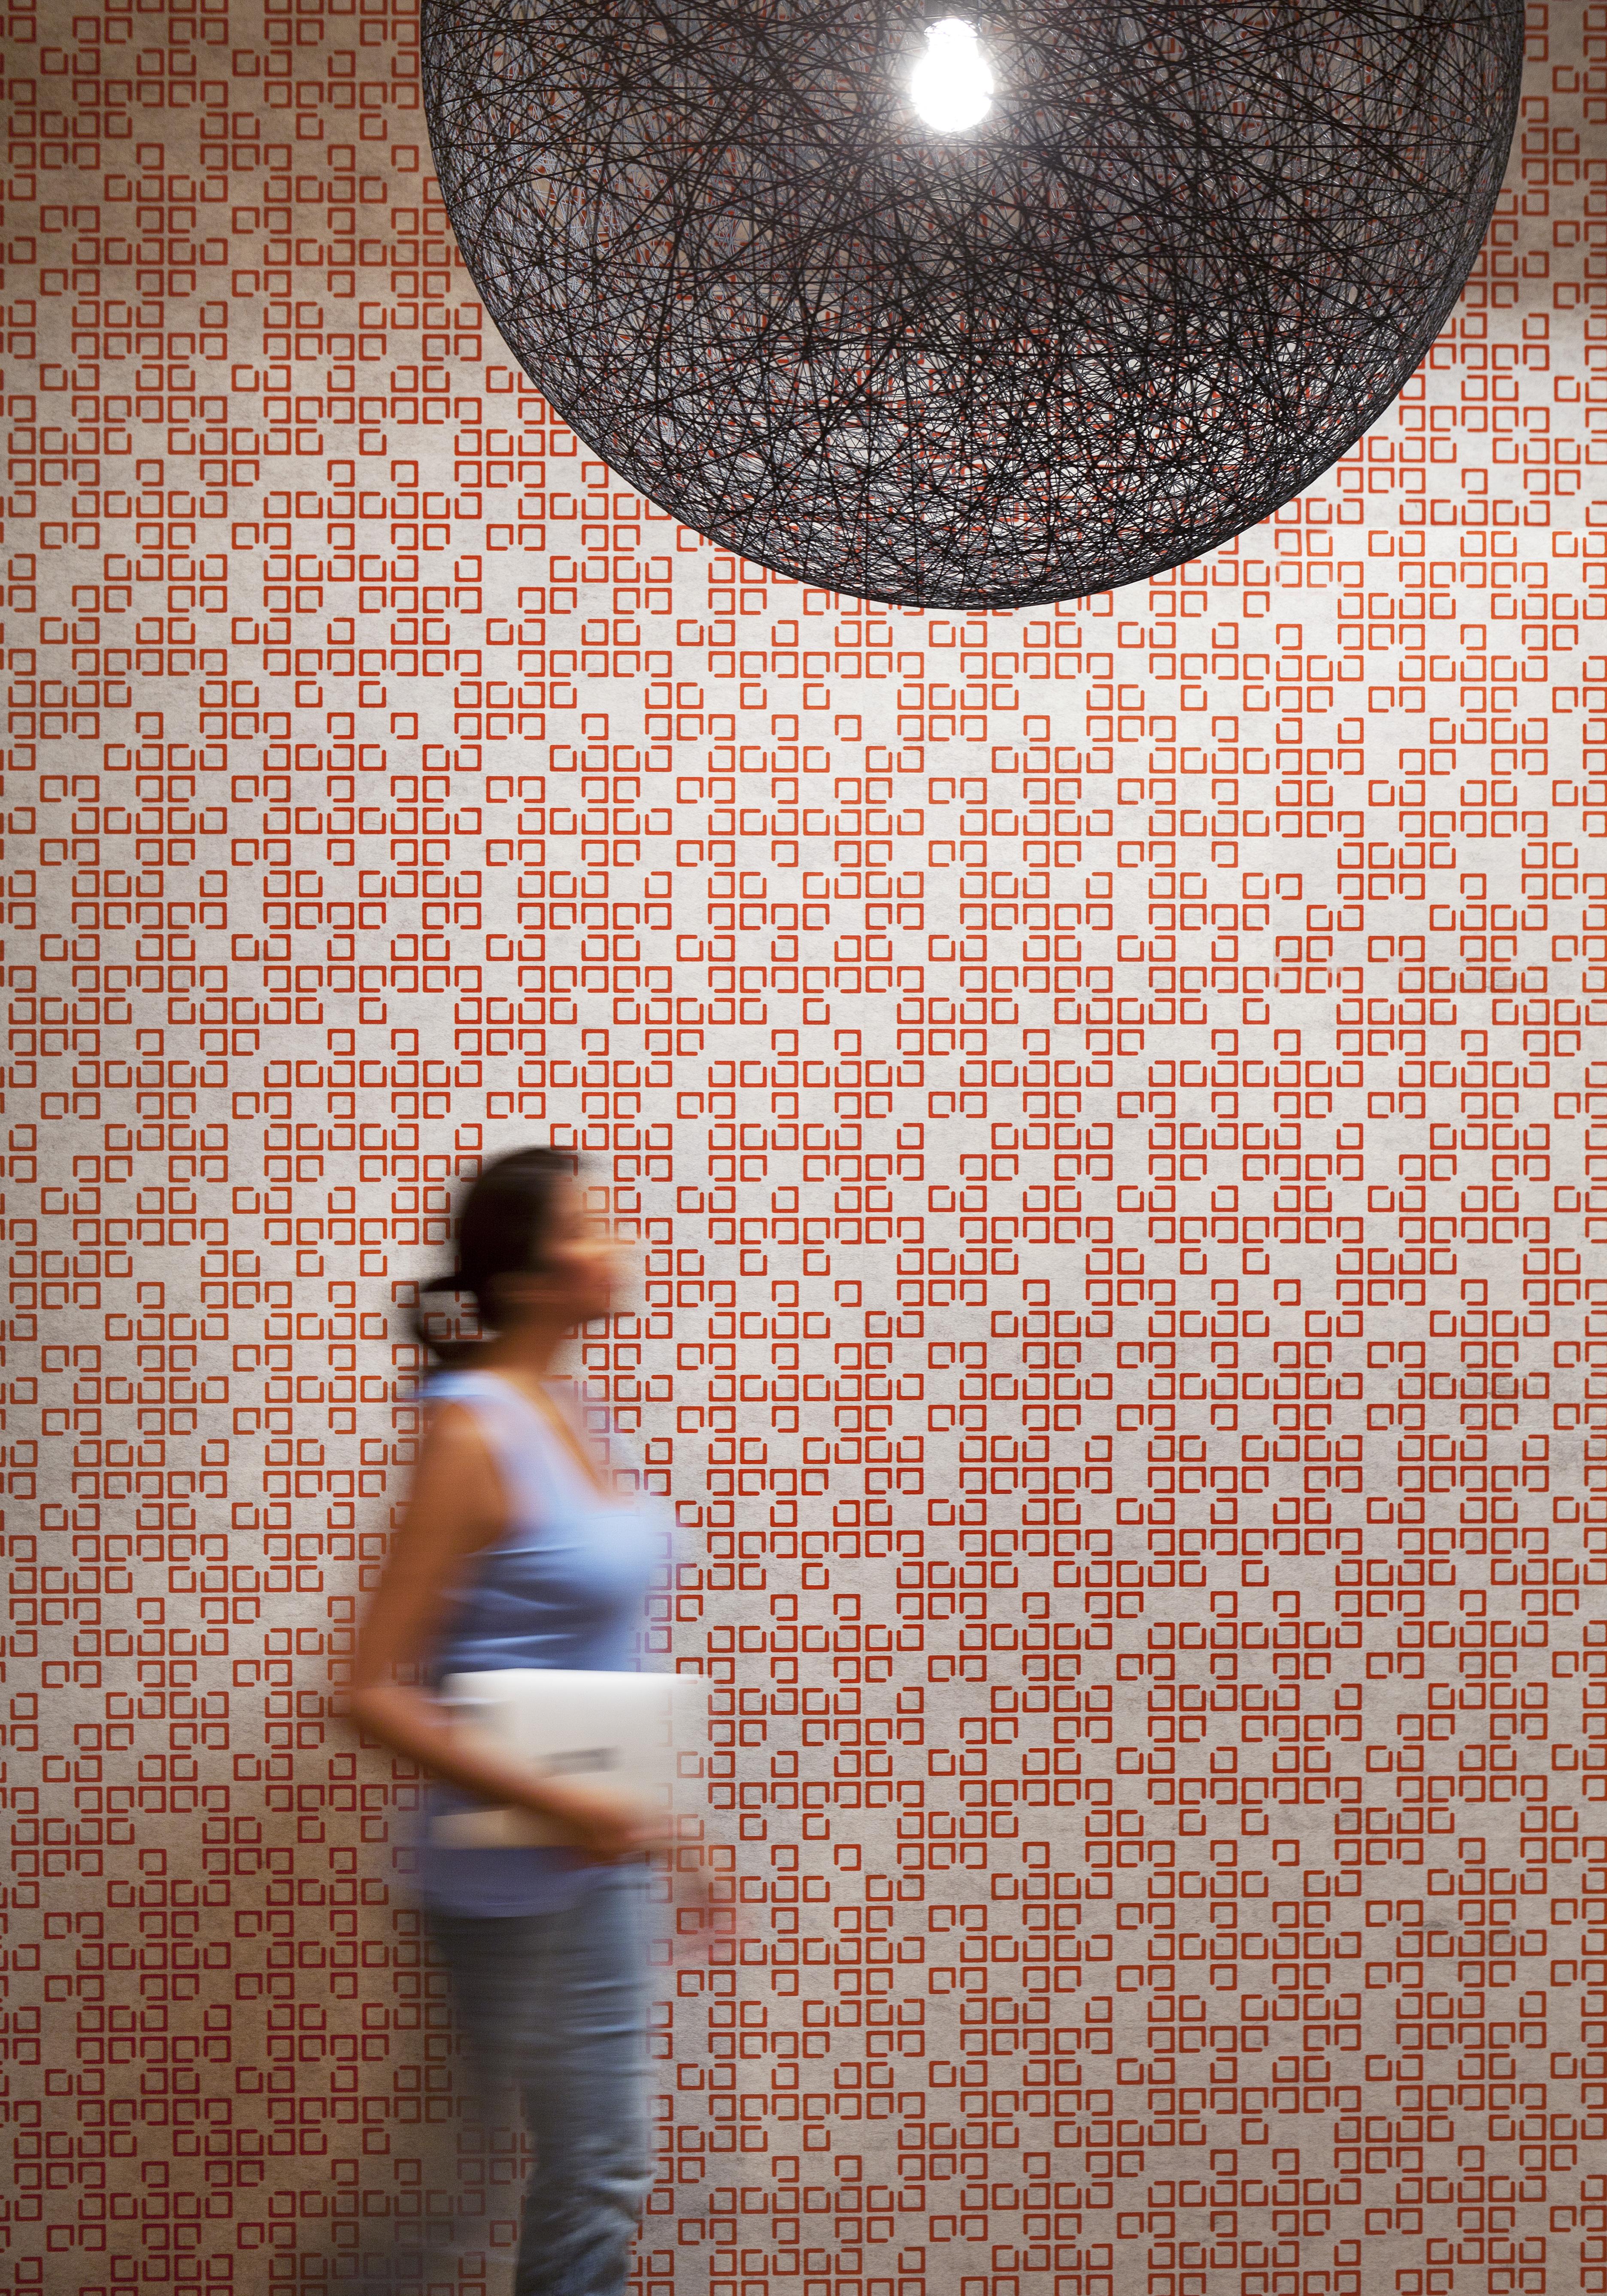 Ep-Mura-Fabric-Quattrowoven-Image-Echopanel-Mura-Quattro